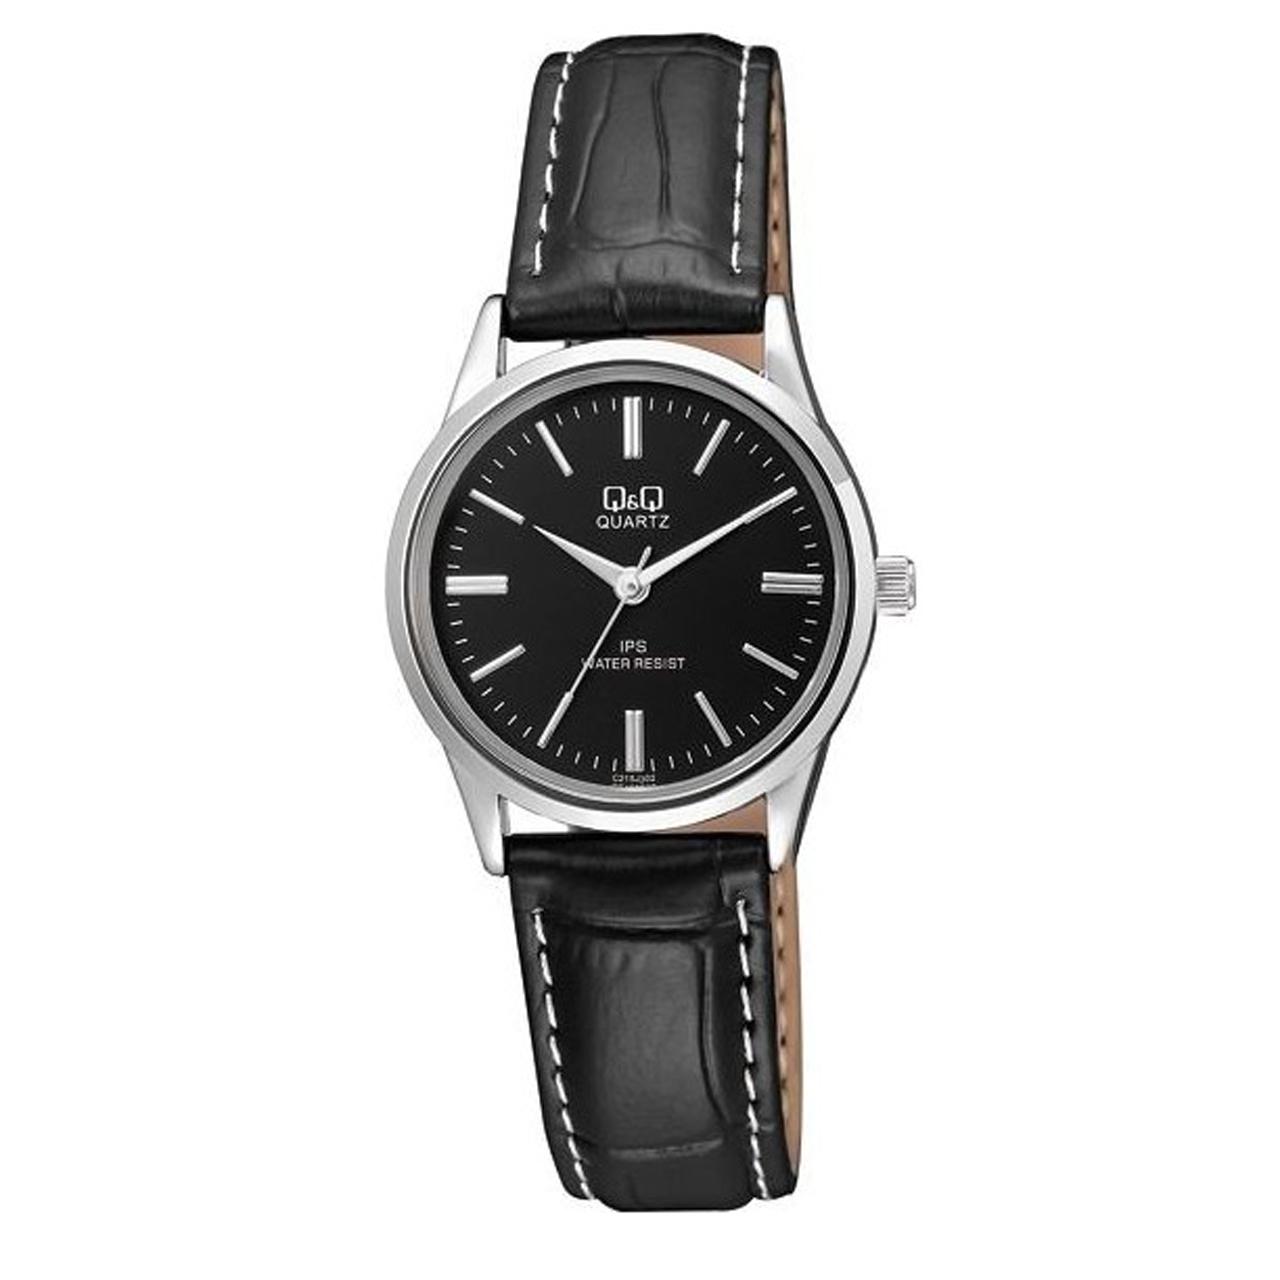 ساعت مچی عقربه ای زنانه کیو اند کیو مدل c215j302y به همراه دستمال مخصوص برند کلین واچ